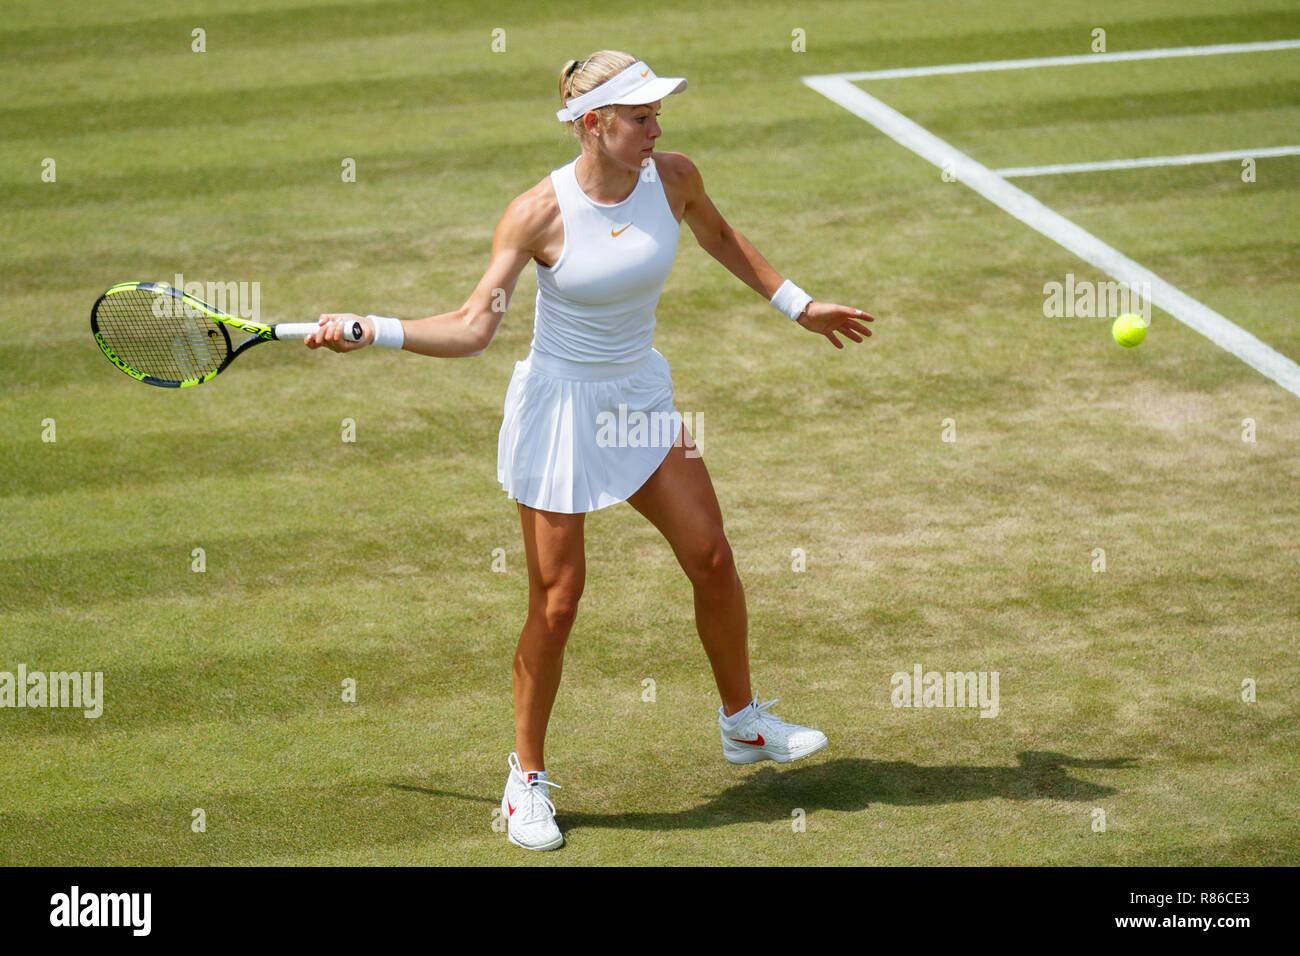 Katie Swan de GB en acción durante el Campeonato de Wimbledon 2018 Foto de stock